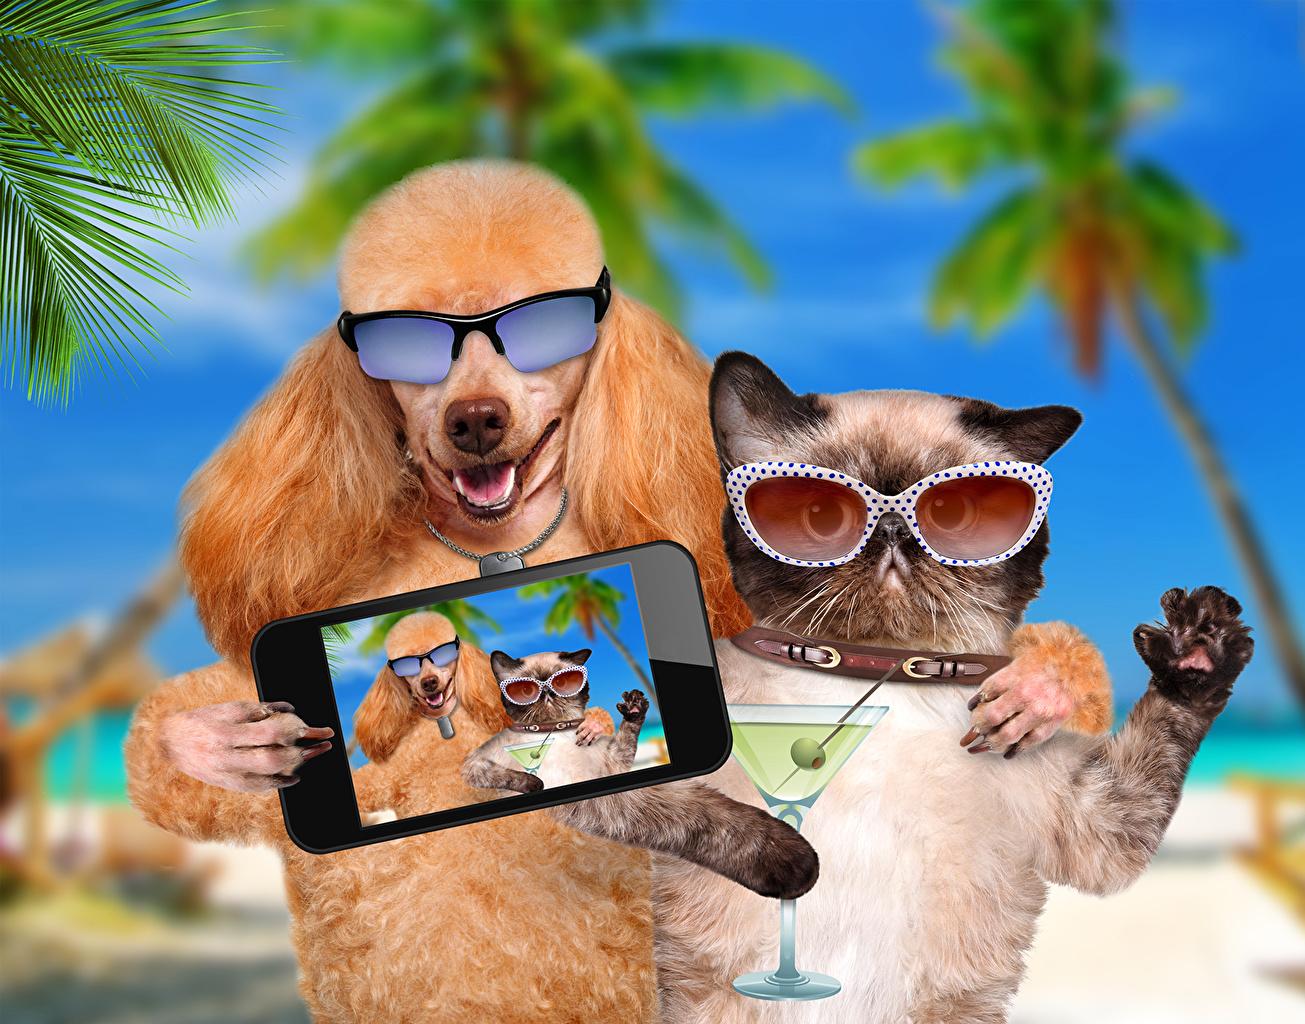 Fonds d'ecran Chien Chat domestique Lunettes Smartphone Caniche Selfie Drole Animaux Humour ...